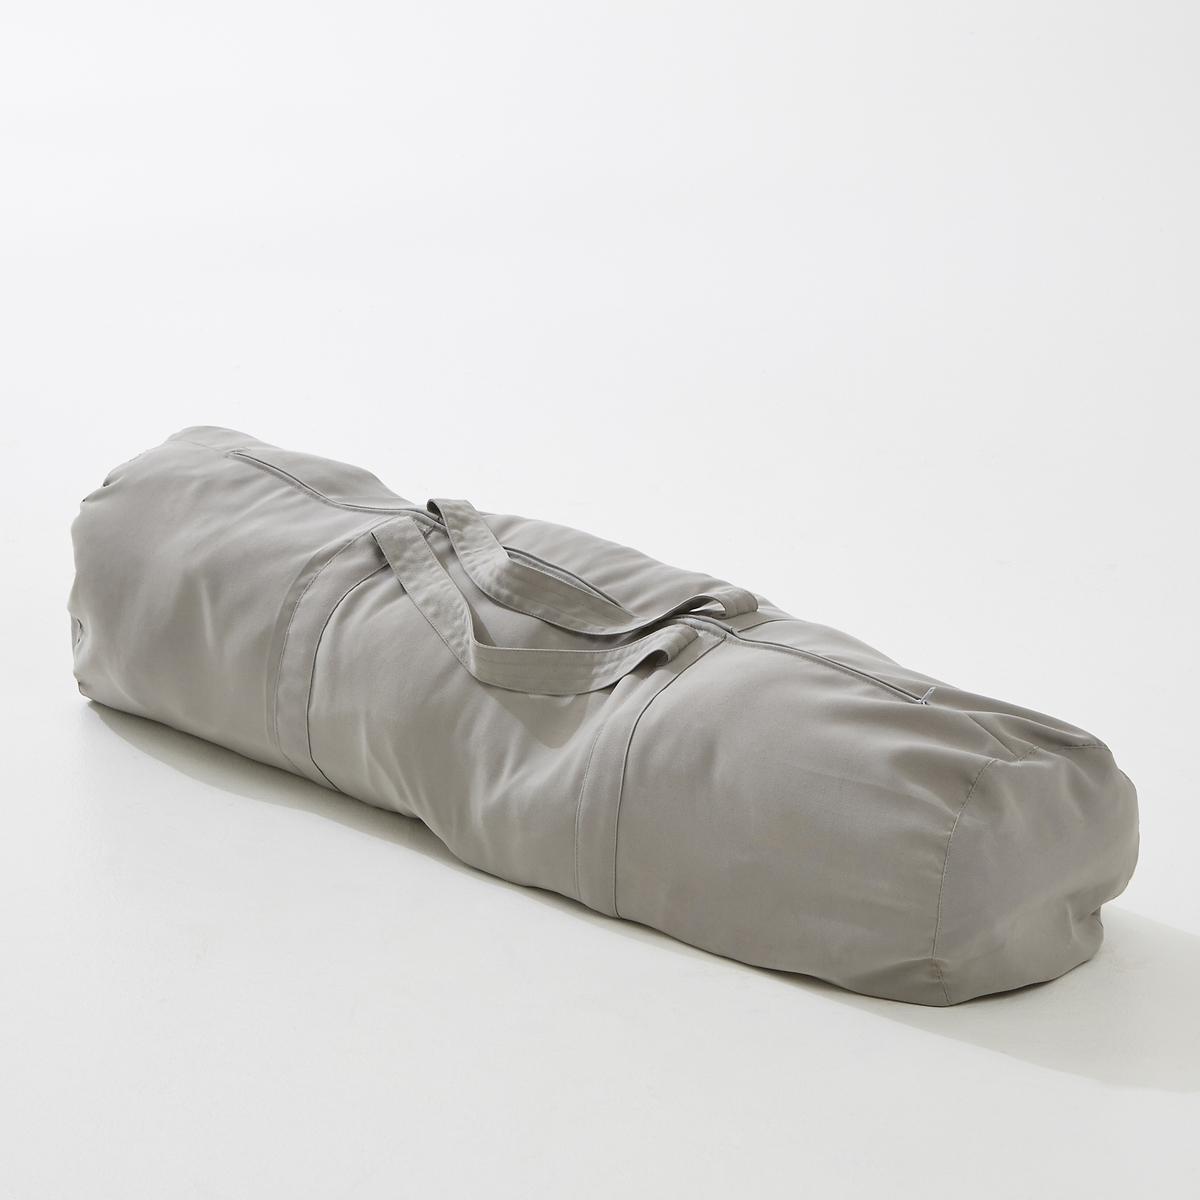 Кровать походная складная с подушкойКровать походная складная с подушкой                       Практичная  и легкая  в транспортировке !Под открытым небом, на террасе или дома эта складная кровать пригодится вам. легко складывается и убирается в защитный чехол . Корпус из акации с сертификатом  FSC, покрытие и подушка из полиэстера .            Характеристики :                 Полированная акация  FSC           Покрытие из полиэстера  250г/м?                 Подушка                 Чехол                                 Размеры :                 Длина : 195см          Ширина : 75см             Высота : 42см Размеры подушки :Длина 45 x Ширина30 x Высотаr 12 смРазмеры чехла :Длина  100 см x Ширина 25 см x высота 24 см Качество:Акация-дерево с уникальными механическими свойствами-прочность(устойчивость к насекомым и грибкам)и влагоустойчивость (чередование сухих и влажных сезонов).                          Доставка:                 Поставляется в разобранном виде . Доставка до квартиры !Внимание! С учетом габаритов, убедитесь о возможности доставки посылки на дом .                Размеры и вес ящика :1 упаковка105 x 25 x 17 см, 12 кг<br><br>Цвет: серый